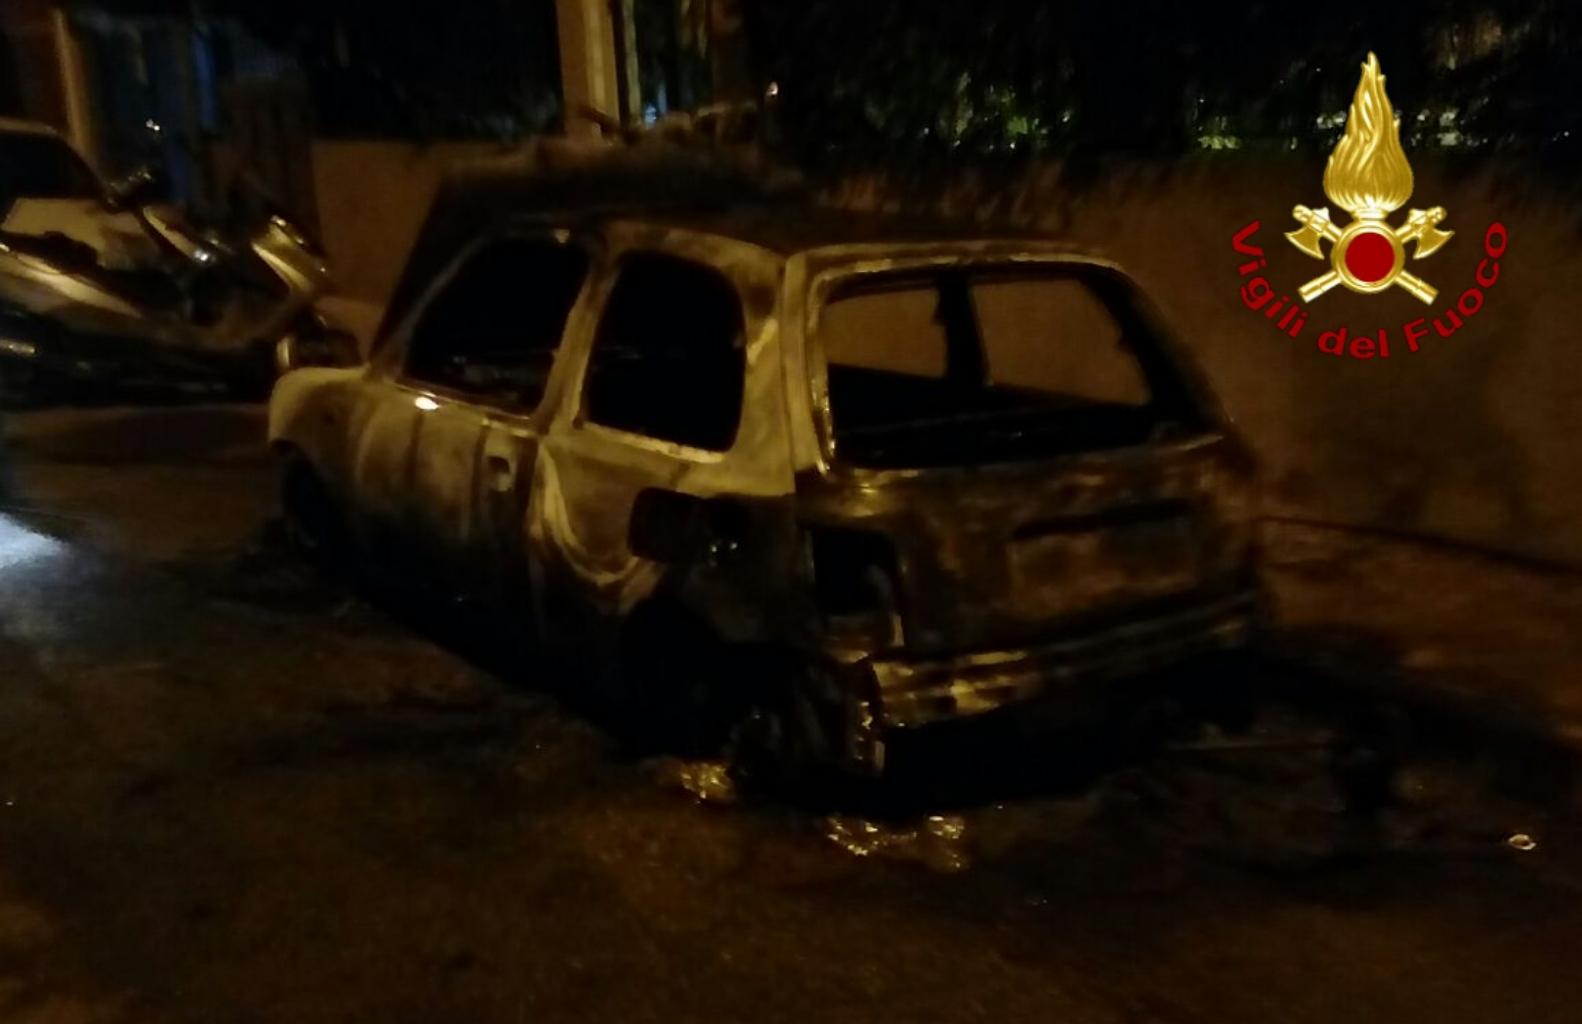 Doppio intervento dei vigili del fuoco nella notte a Cagliari: a fuoco due auto